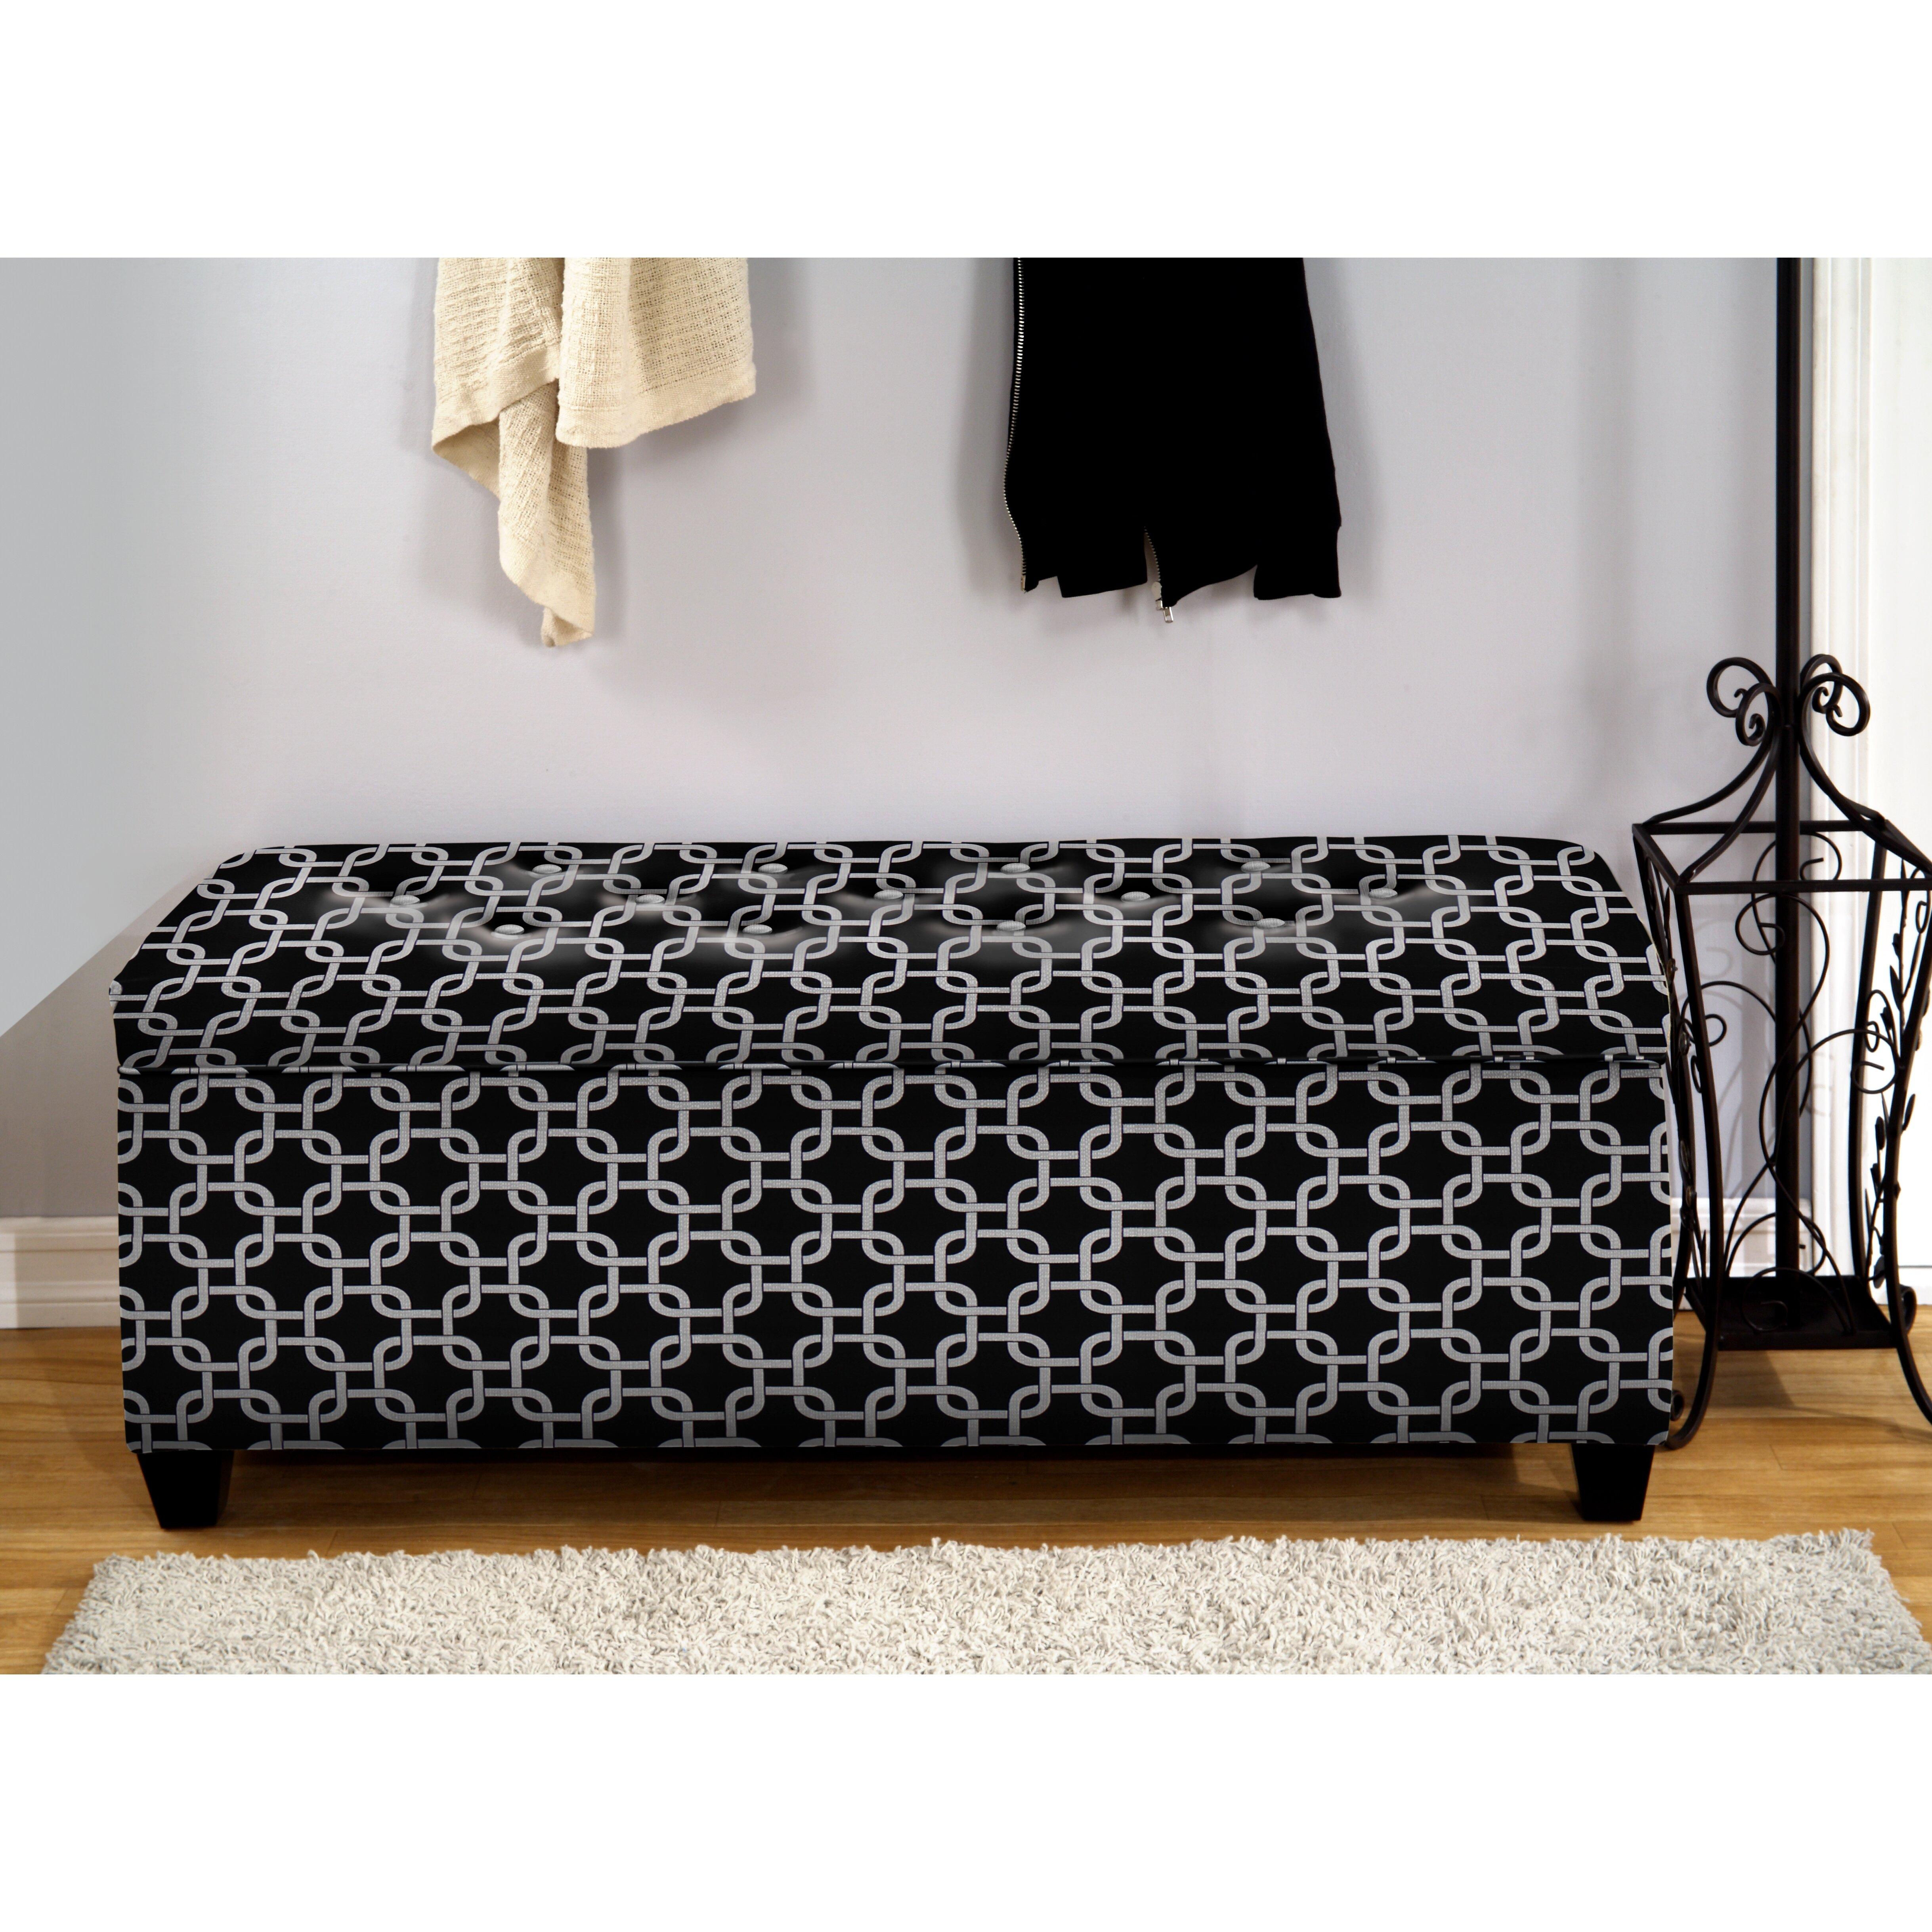 The sole secret upholstered storage bedroom bench wayfair - Bedroom storage bench upholstered ...